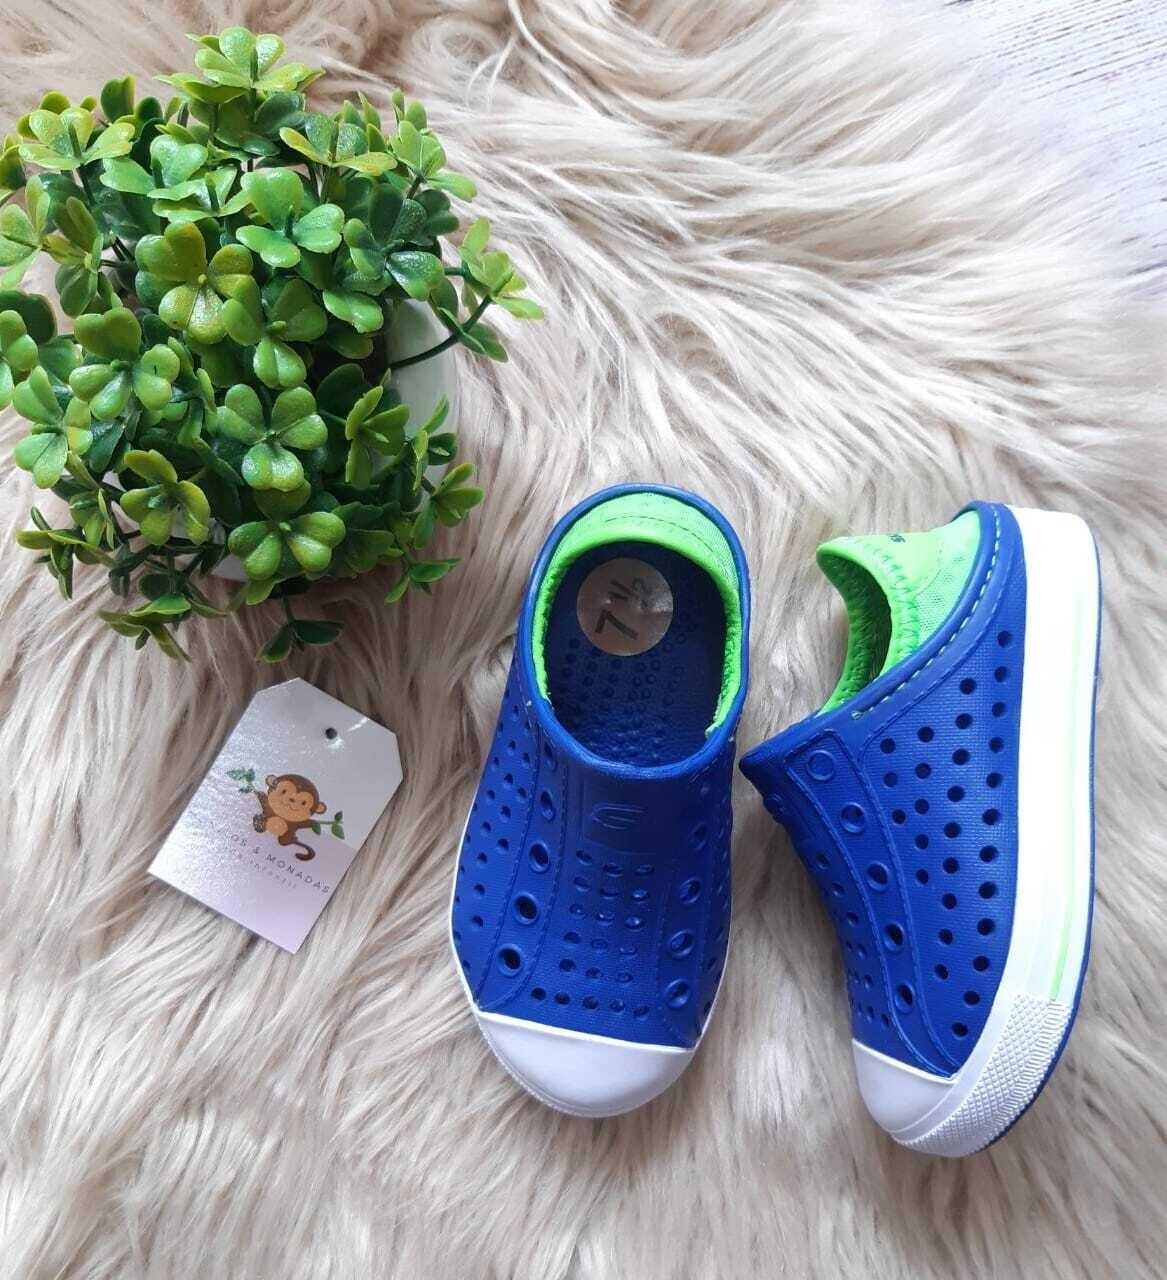 Zapatos Sketchers azules y verdes, Talla 7 1/2 us